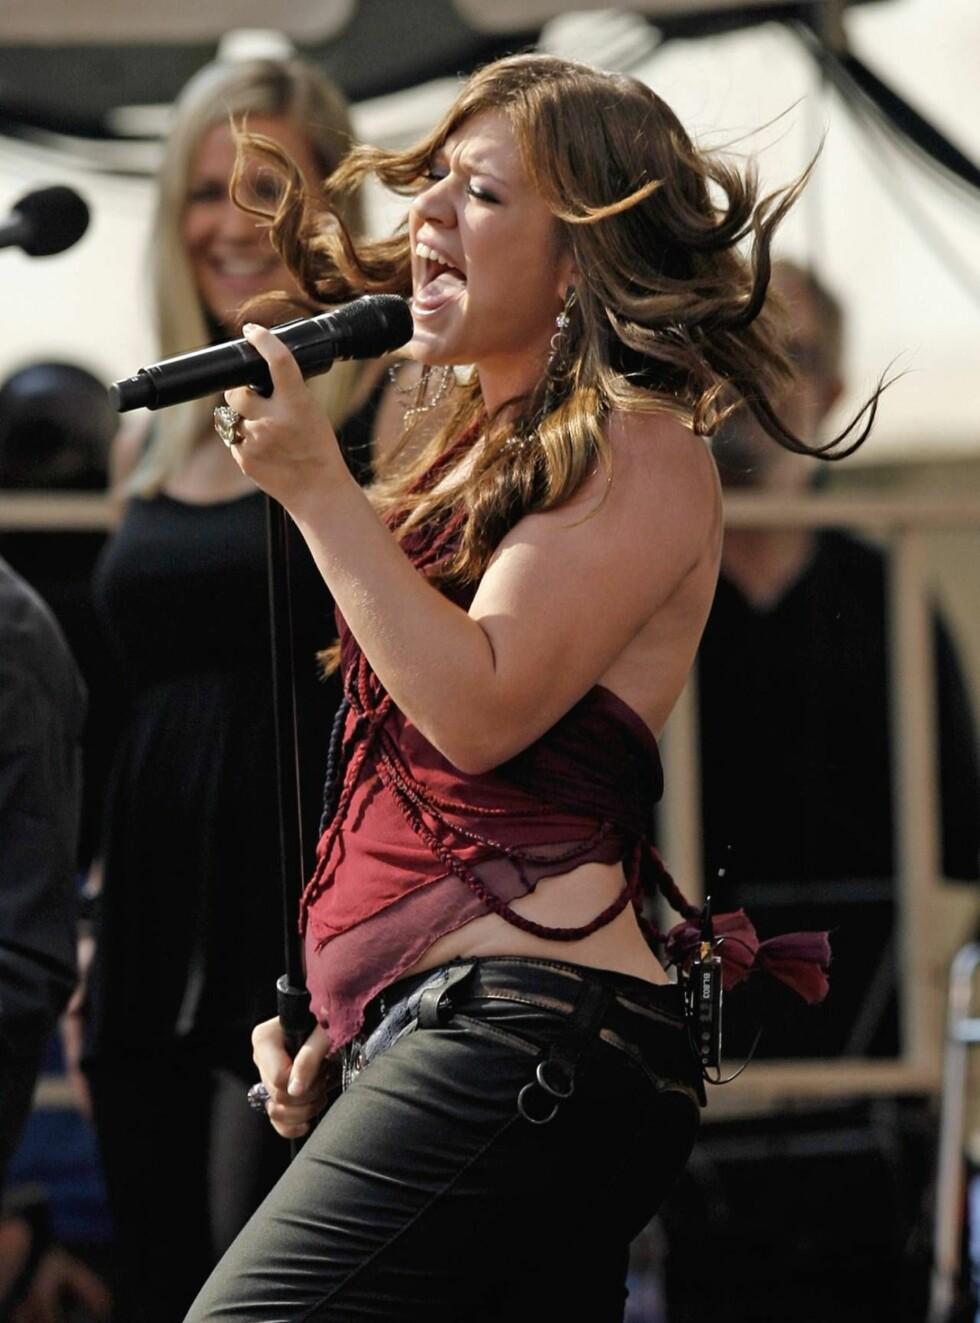 """FORMFULT IDOL: Popstjernen og """"American Idol""""-vinner Kelly Clarkson er et idol for mange unge jenter, og har tidligere uttalt at hun er stolt av formene sine. Foto: AP"""